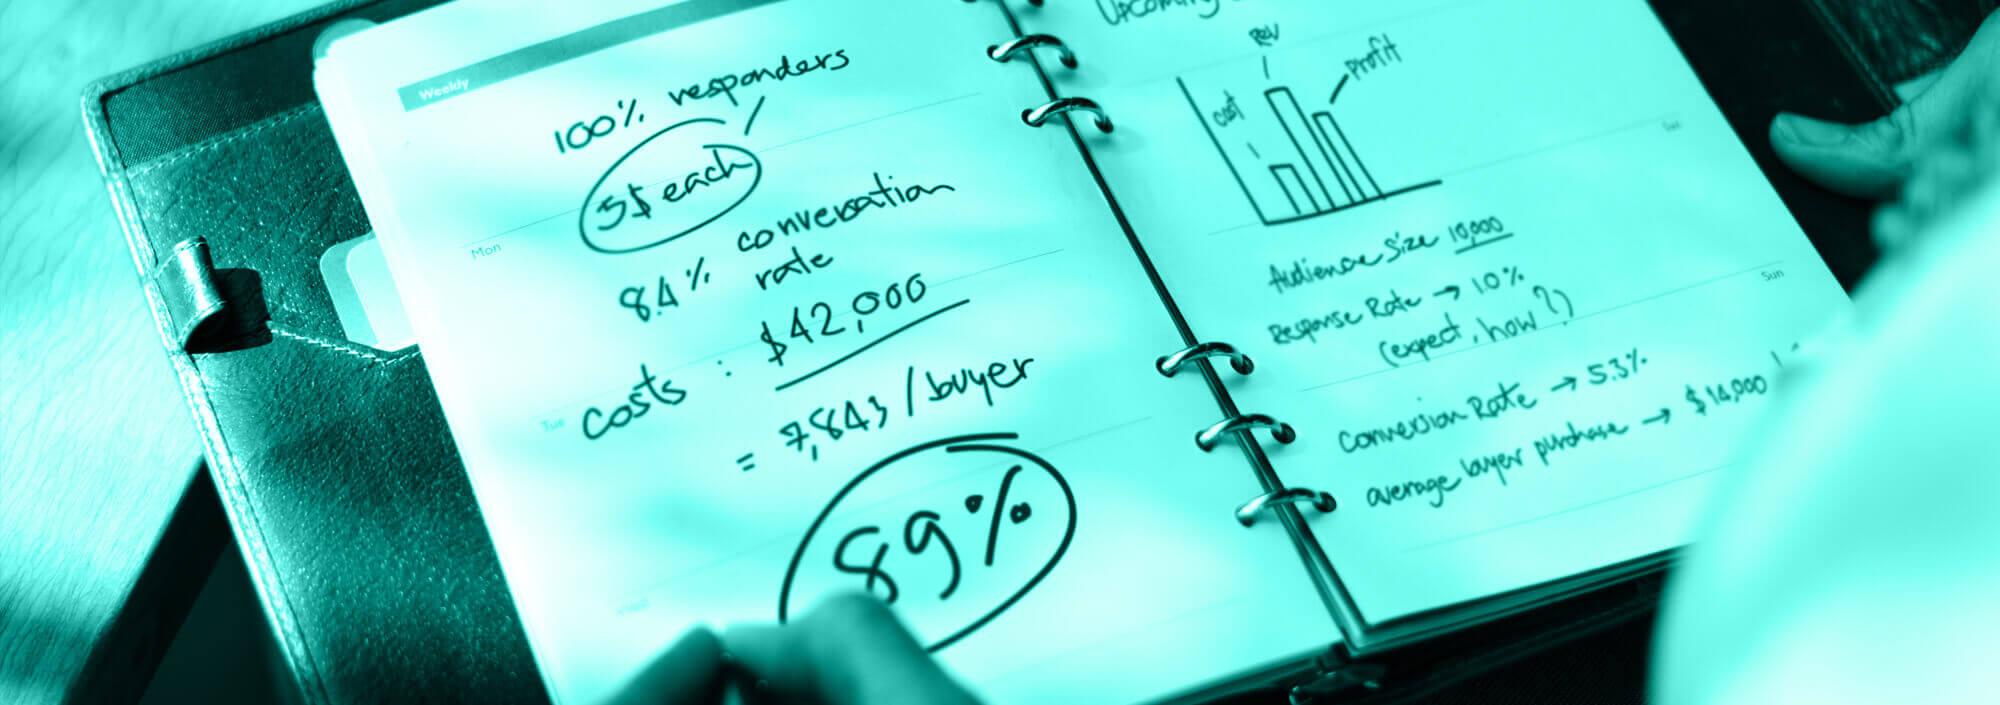 Media Release: iVET360 Offers 5 Finance, Analytics Tips for Family Veterinarians